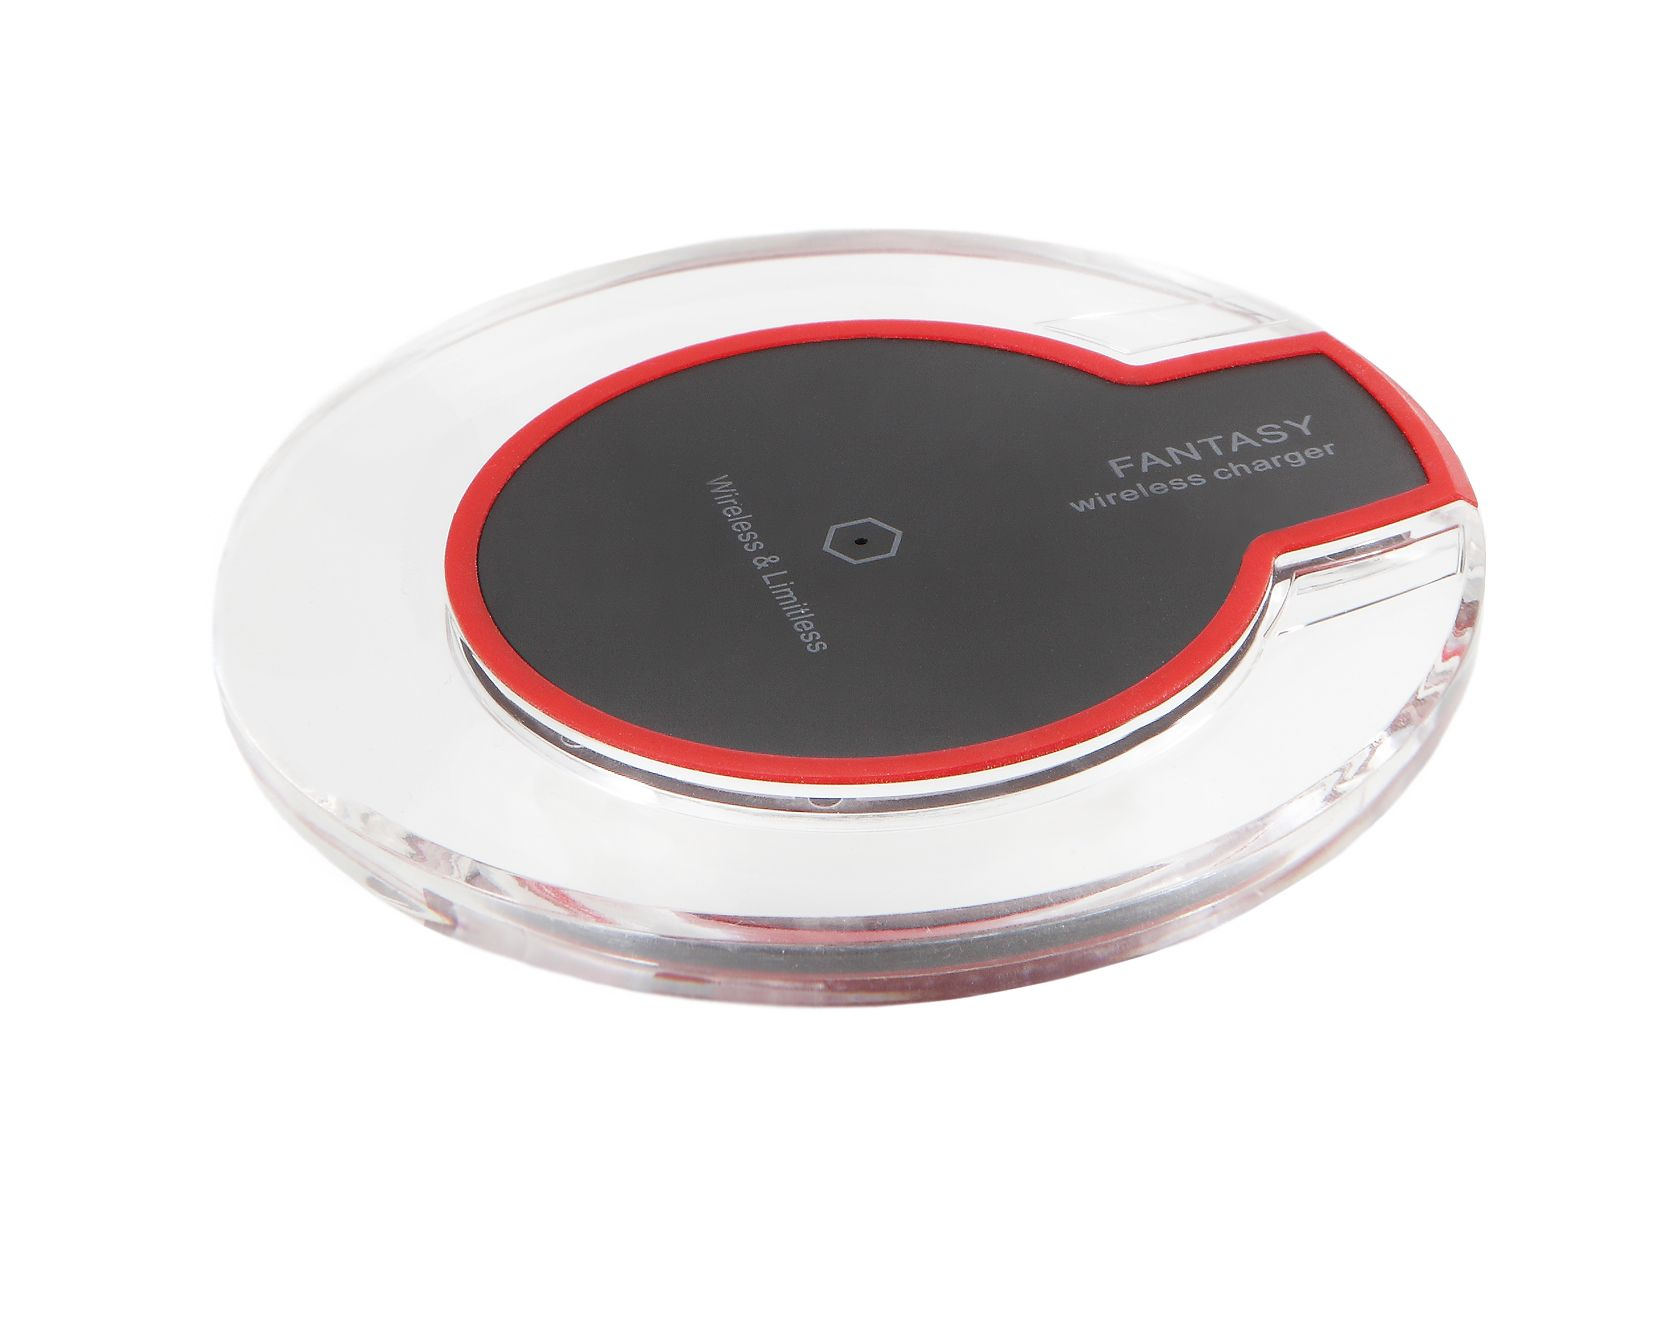 Беспроводная зарядка Fantasy для телефонов, для смартфонов, для айфона, wireless charger, qi зарядкаАксессуары для смартфонов<br>Беспроводная зарядка Fantasy<br> <br> <br>  <br> <br> <br>Что такое беспроводная зарядка?<br> <br>Принцип работы устройства основан на QI-технологии. Она предполагает отсутствие проводов или применения контактов, за основу ее работы берется действие электромагнитных волн.<br> <br> <br>  <br> <br> <br>На вопрос, как работает беспроводная зарядка, можно ответить – по принципу индуктивной катушки, магнитного контура. Прибор состоит из 2 катушек – передающей и принимающей, первая нужна для создания электромагнитного поля, а вторая – для тока. Взаимодействуя между собой, они создают ток через передатчик, приемник, стабилизируют его, подводя прямо к смартфону.<br> <br> <br>  <br> <br> <br>  <br> <br> <br>  <br> <br> <br>Как это работает?<br> <br><br>  <br><br>  <br> <br>  <br> <br> <br>(общая информация по положению телефона на беспроводном зарядном устройстве)<br> <br>Преимущества беспроводной зарядки:<br> <br>- Безопасность: наша платформа обеспечивает надежность от неблагоприятного воздействия извне во время зарядки (например: перепадов напряжения). На нее можно спокойно положить железный предмет, так как она начинает работать только после обнаружения приемного устройства<br> <br>- Простота эксплуатации: теперь не надо ничего подключать, достаточно просто положить телефон сверху и он автоматически начнет заряжаться. Это избавит вас от поиска зарядки и проблемы разбитого гнезда<br> <br>- Отсутствие кабелей: суть технологии - индуктивная передача электричества<br> <br>- Используйте везде: такая платформа обеспечивает надежность от неблагоприятного воздействия извне во время зарядки (например: перепадов напряжения). На нее можно спокойно положить железный предмет, так как она начинает работать только после обнаружения приемного устройства<br> <br> <br>  <br> <br> <br> <br>  <br> <br> <br>Совместимость<br> <br><br>  МОДЕЛИ ТЕЛЕФОНОВ, КОТОРЫЕ ИМЕЮ